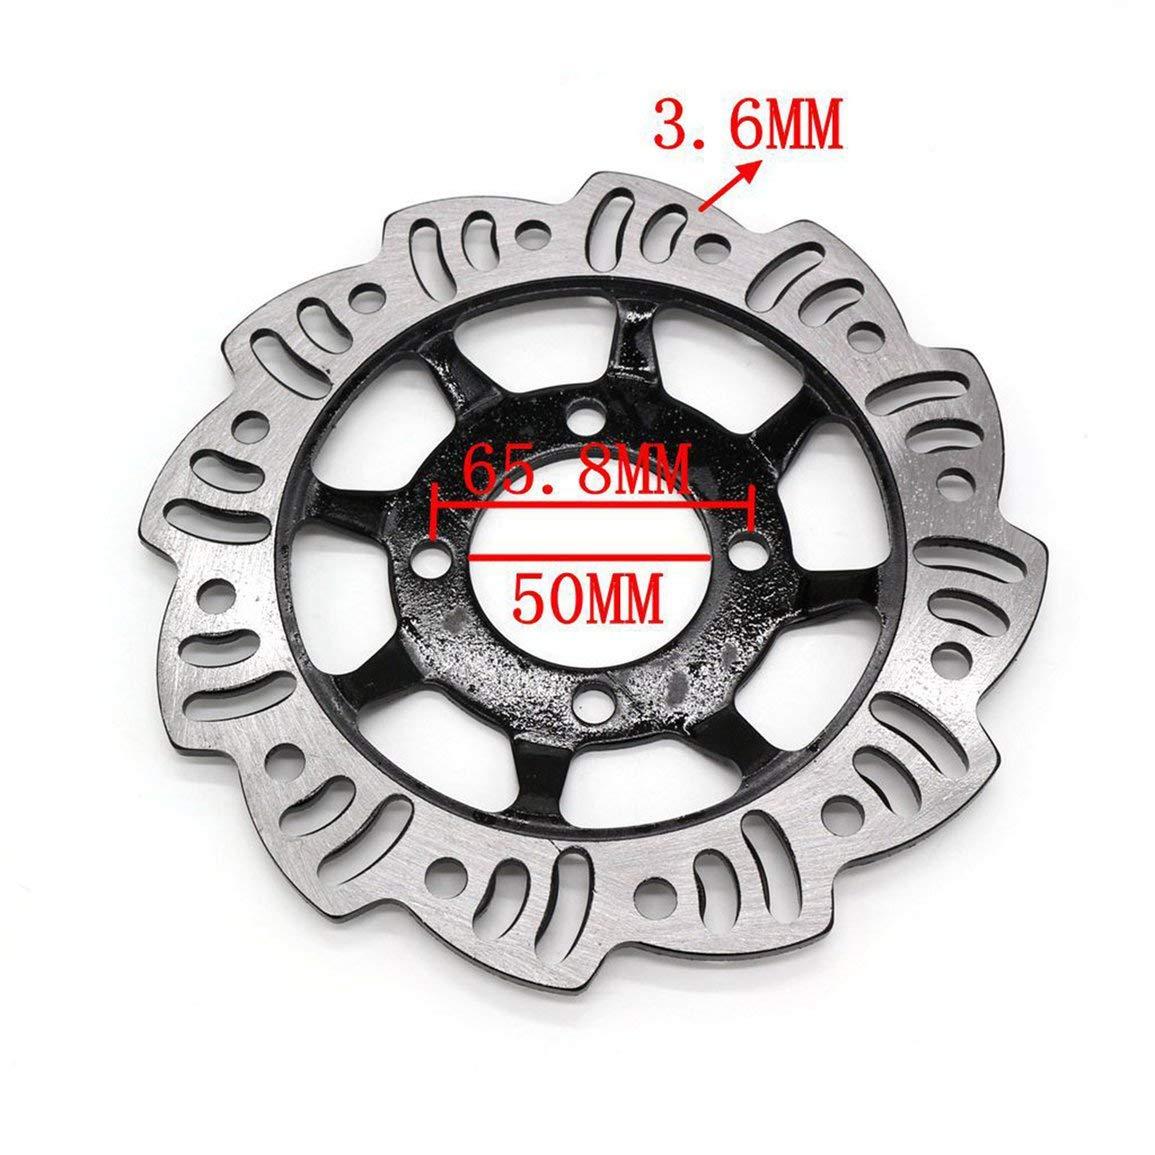 190 millimetri 50 millimetri Centro Pinza freno a disco rotore di pista sterrata Pit Bike 90 110 125 Motocross posteriore freno a disco